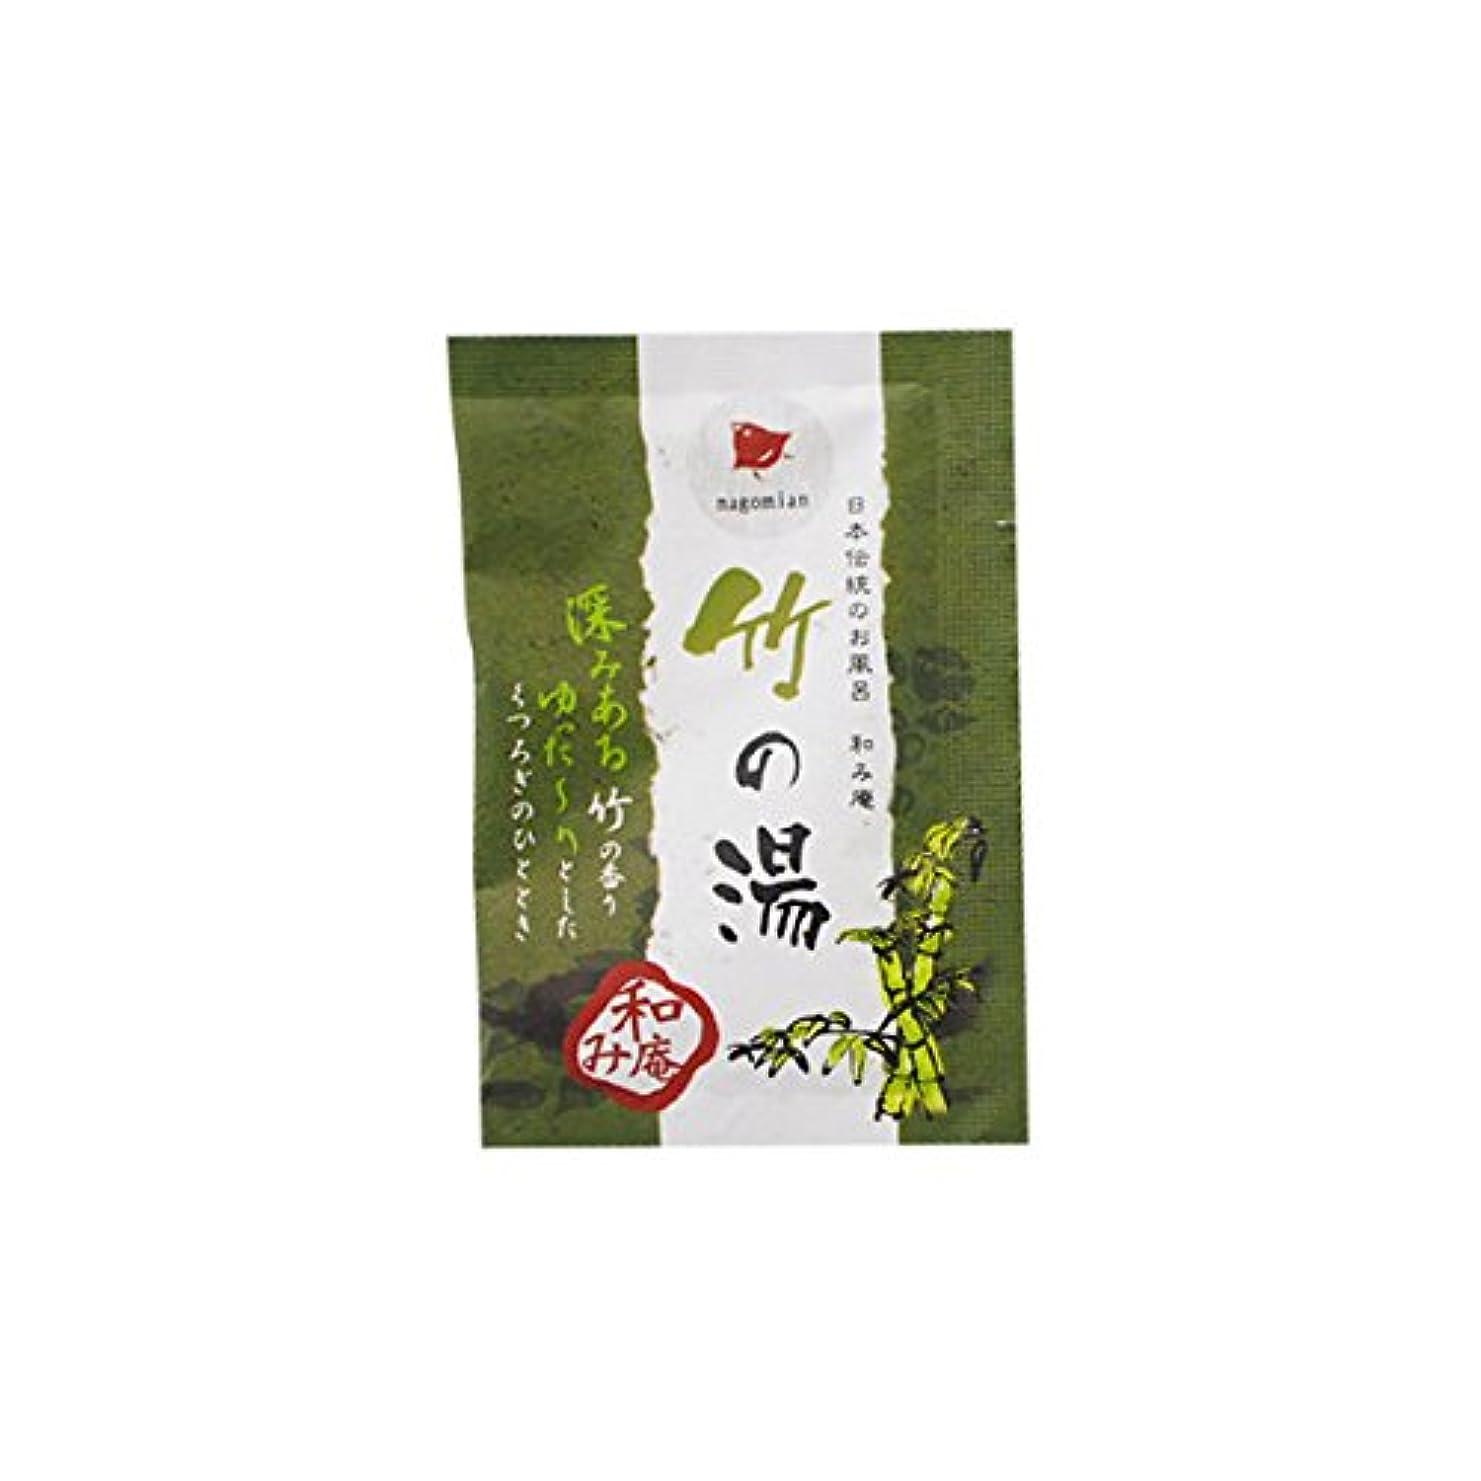 消す失態芝生和み庵 入浴剤 「竹の湯」30個